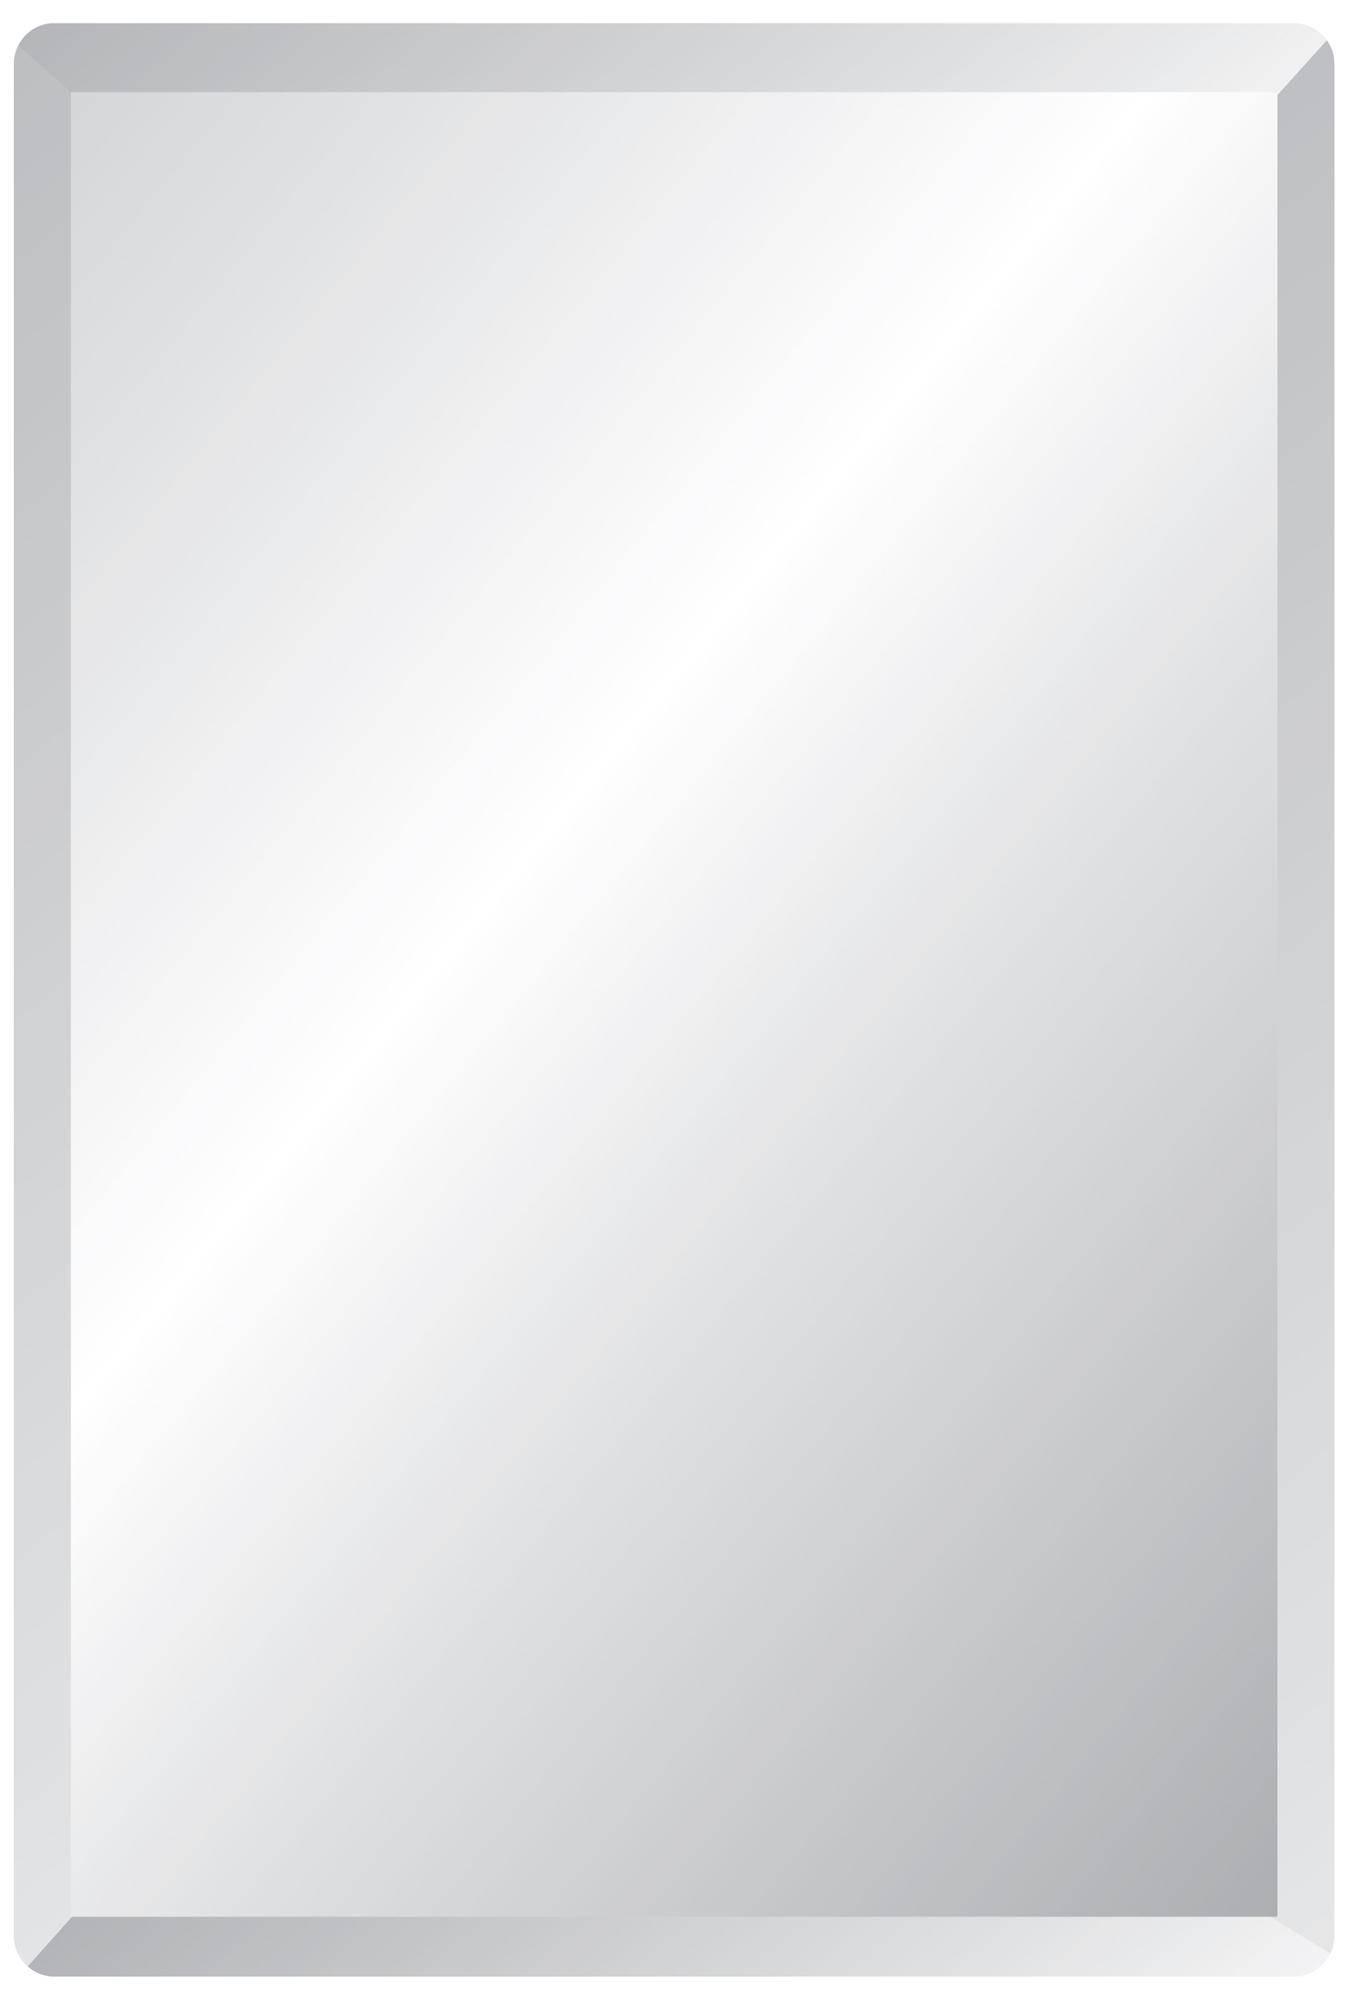 Full Length Frameless Mirror 36 Breathtaking Decor Plus Frameless With Regard To Square Frameless Mirrors (View 12 of 15)